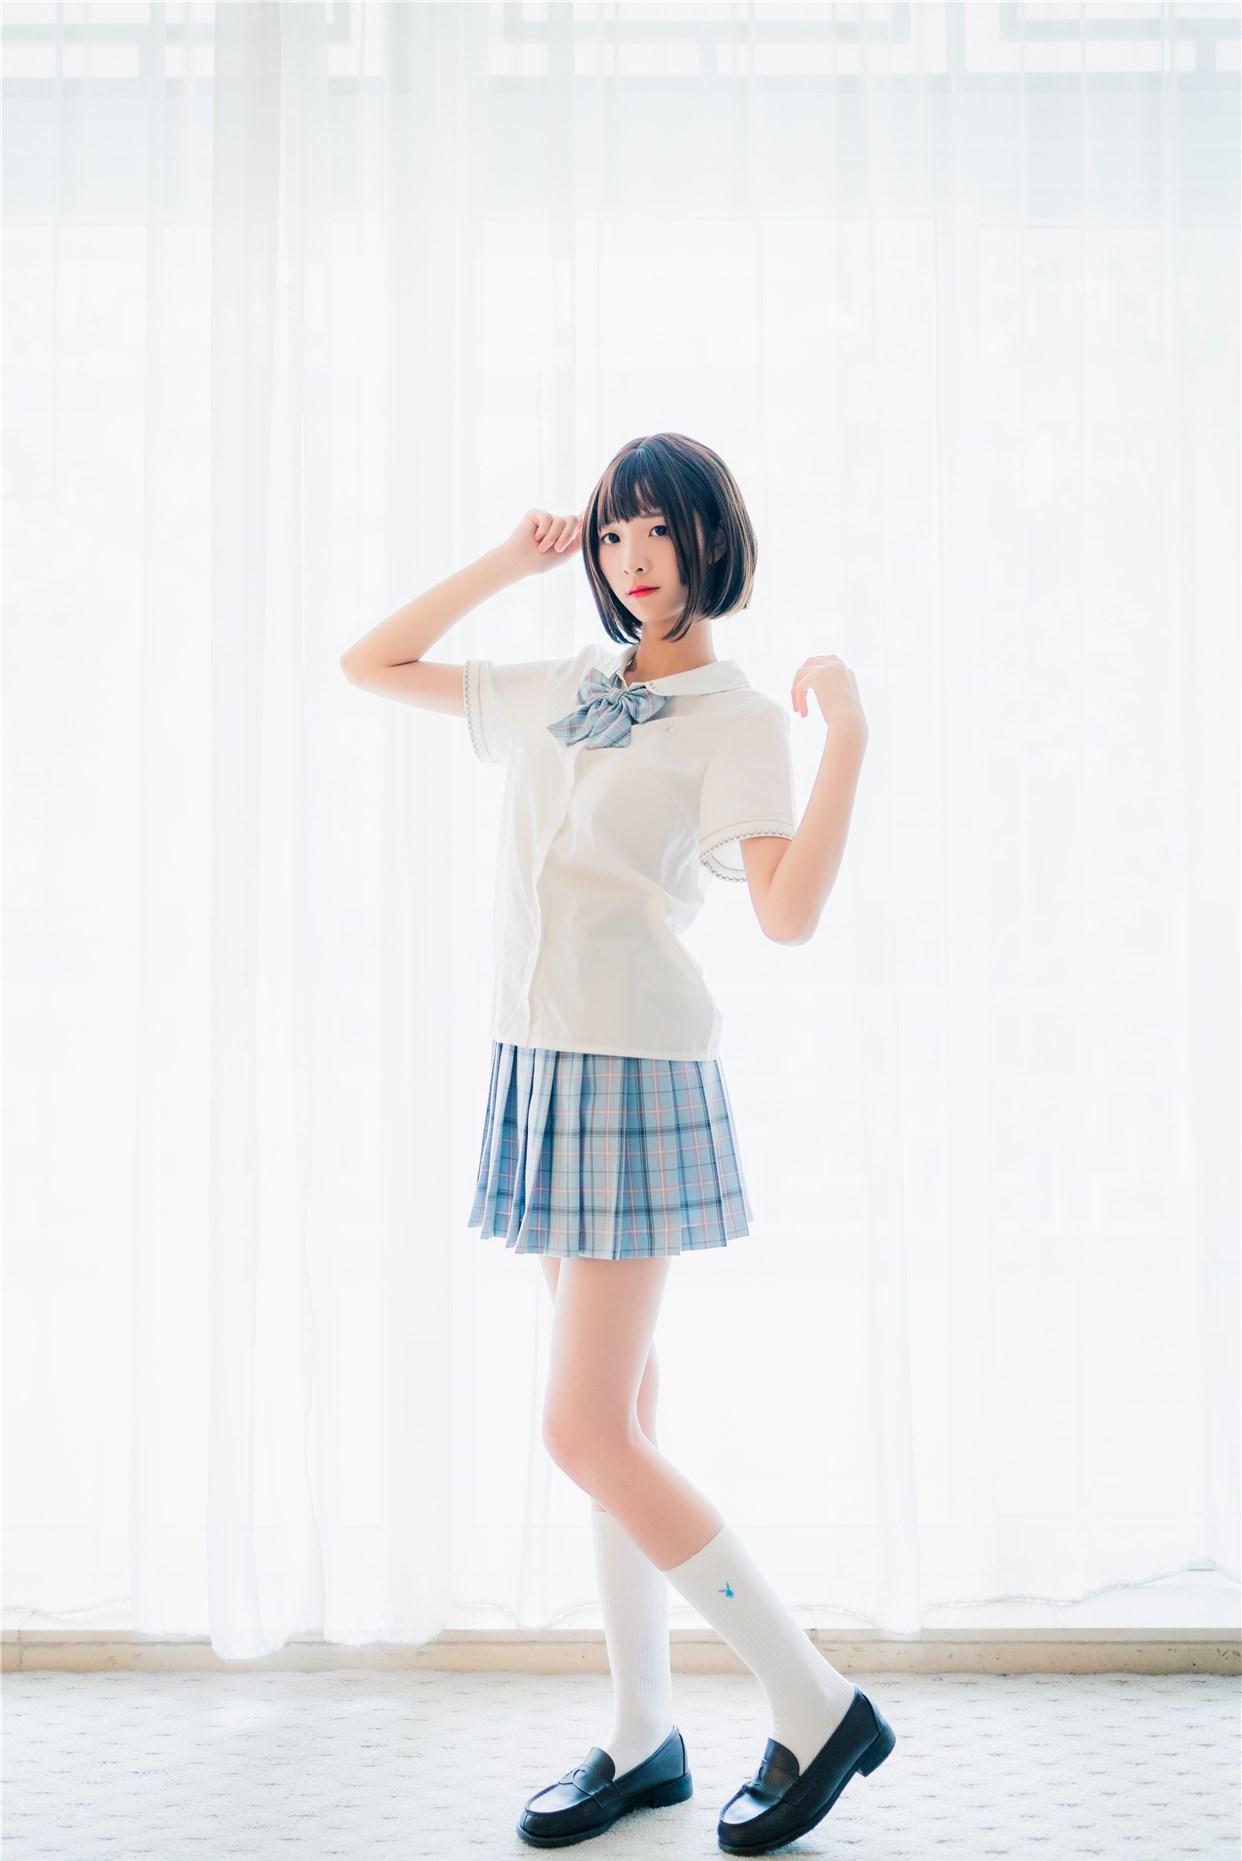 【兔玩映画】超清新元气少女! 兔玩映画 第24张